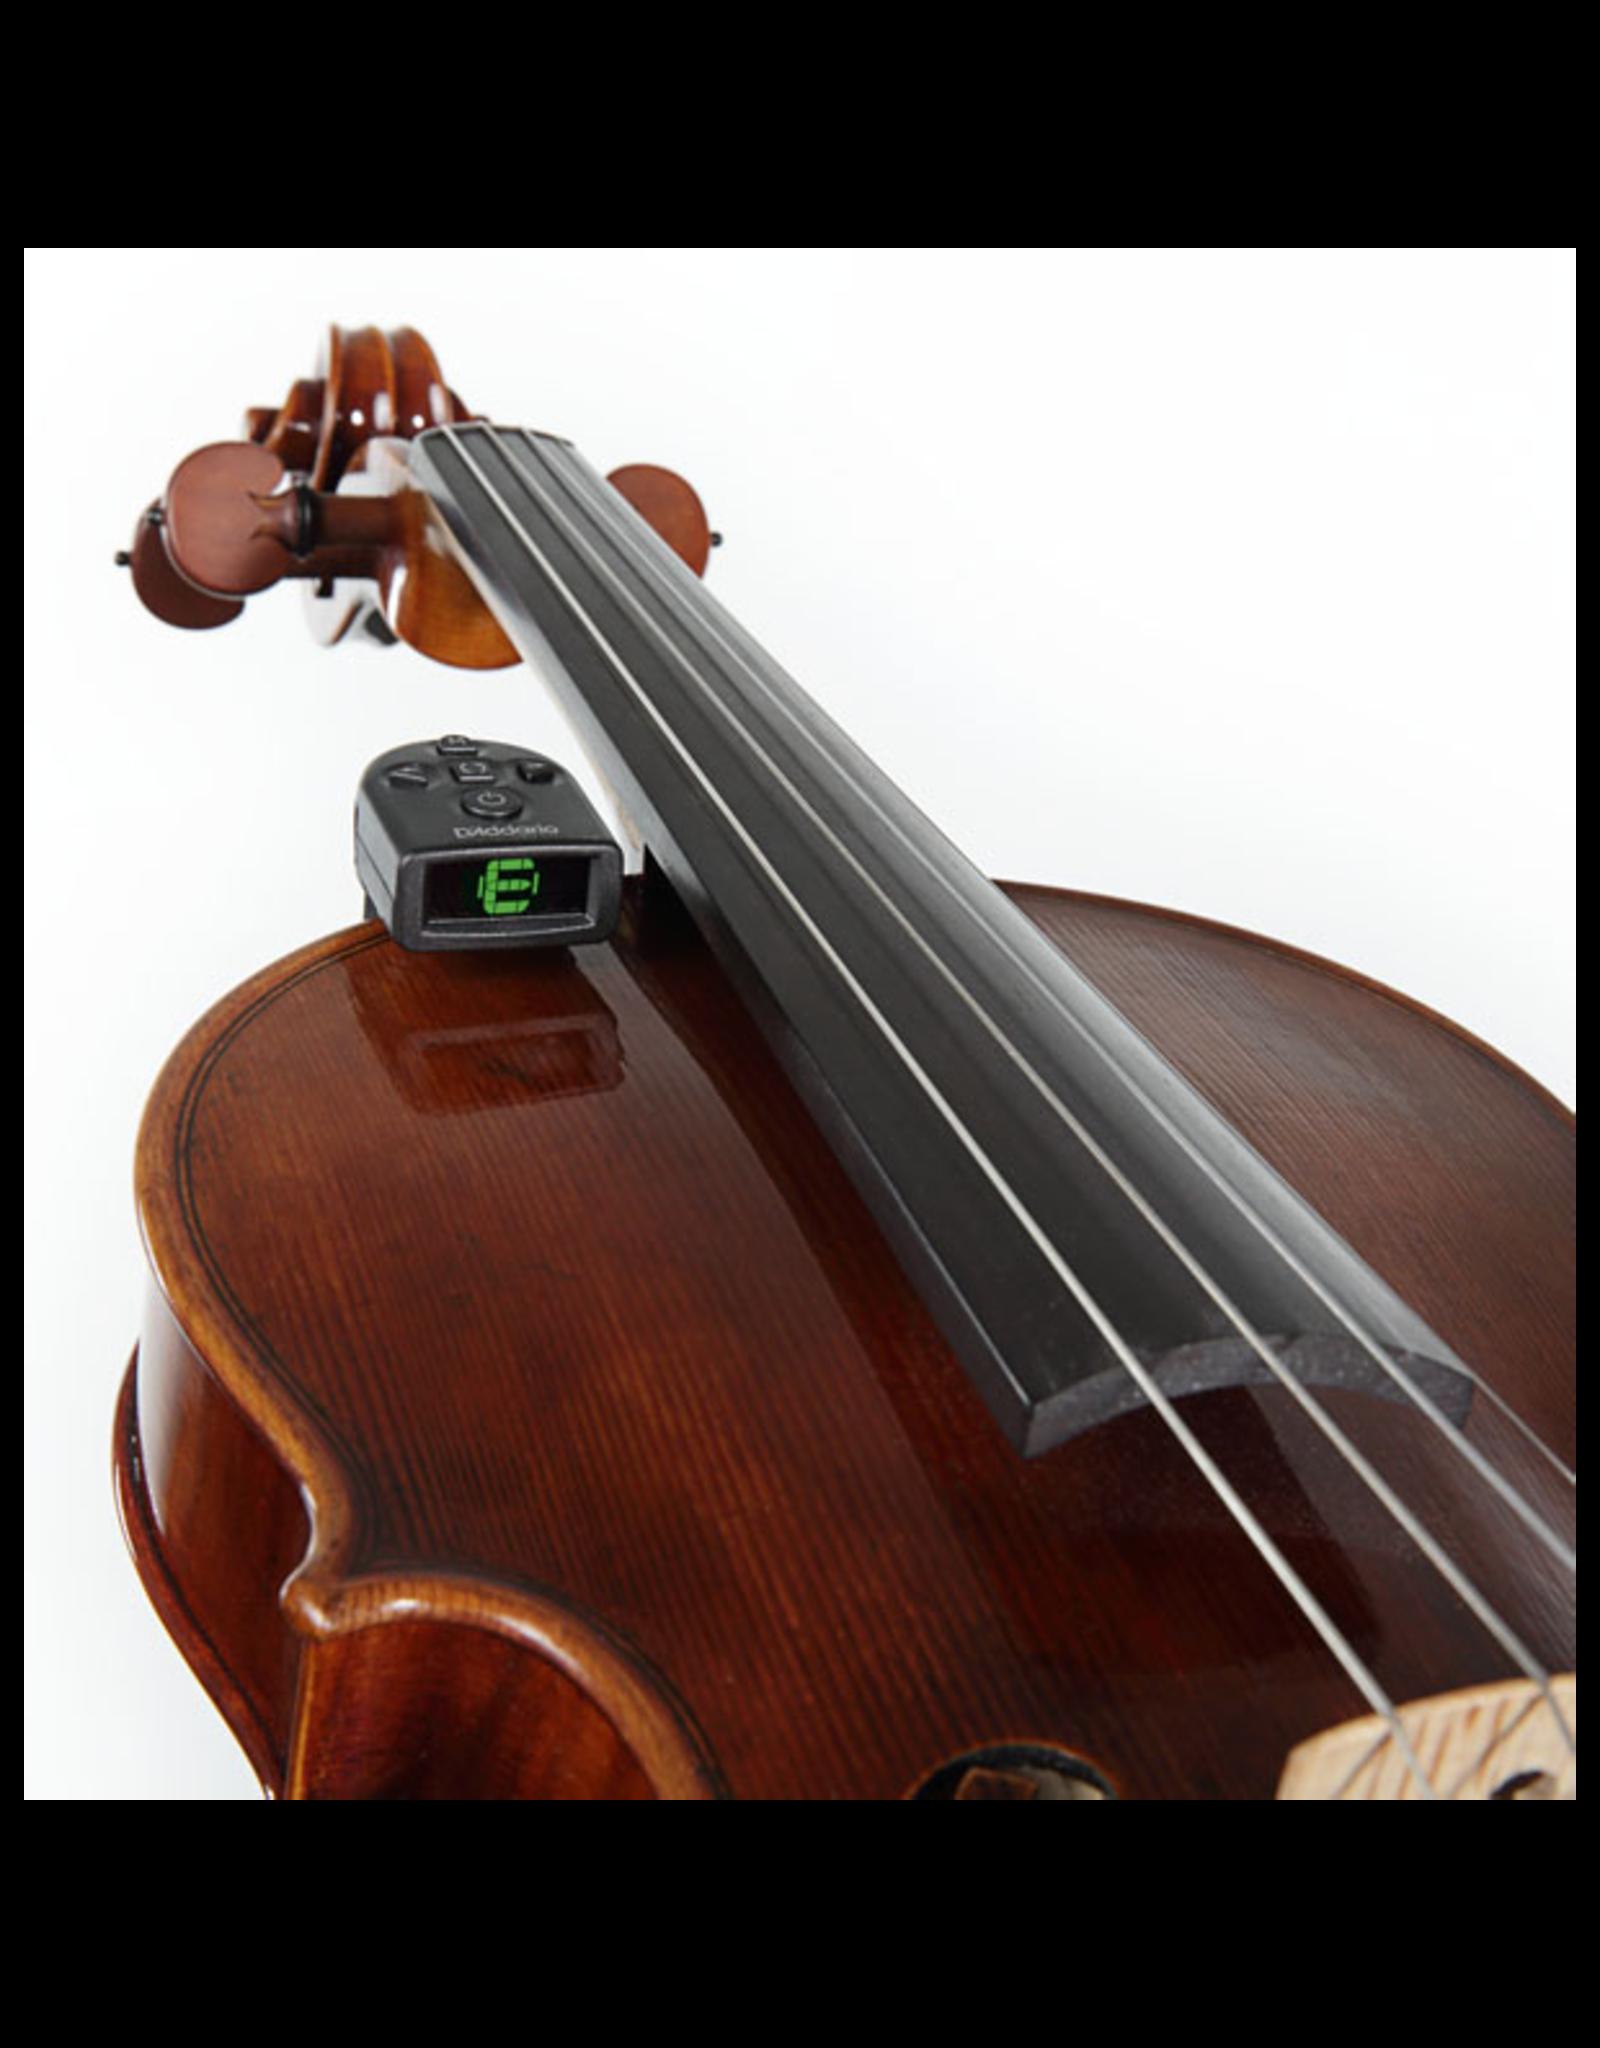 D'Addario D'Addario NS Micro Violin Tuner